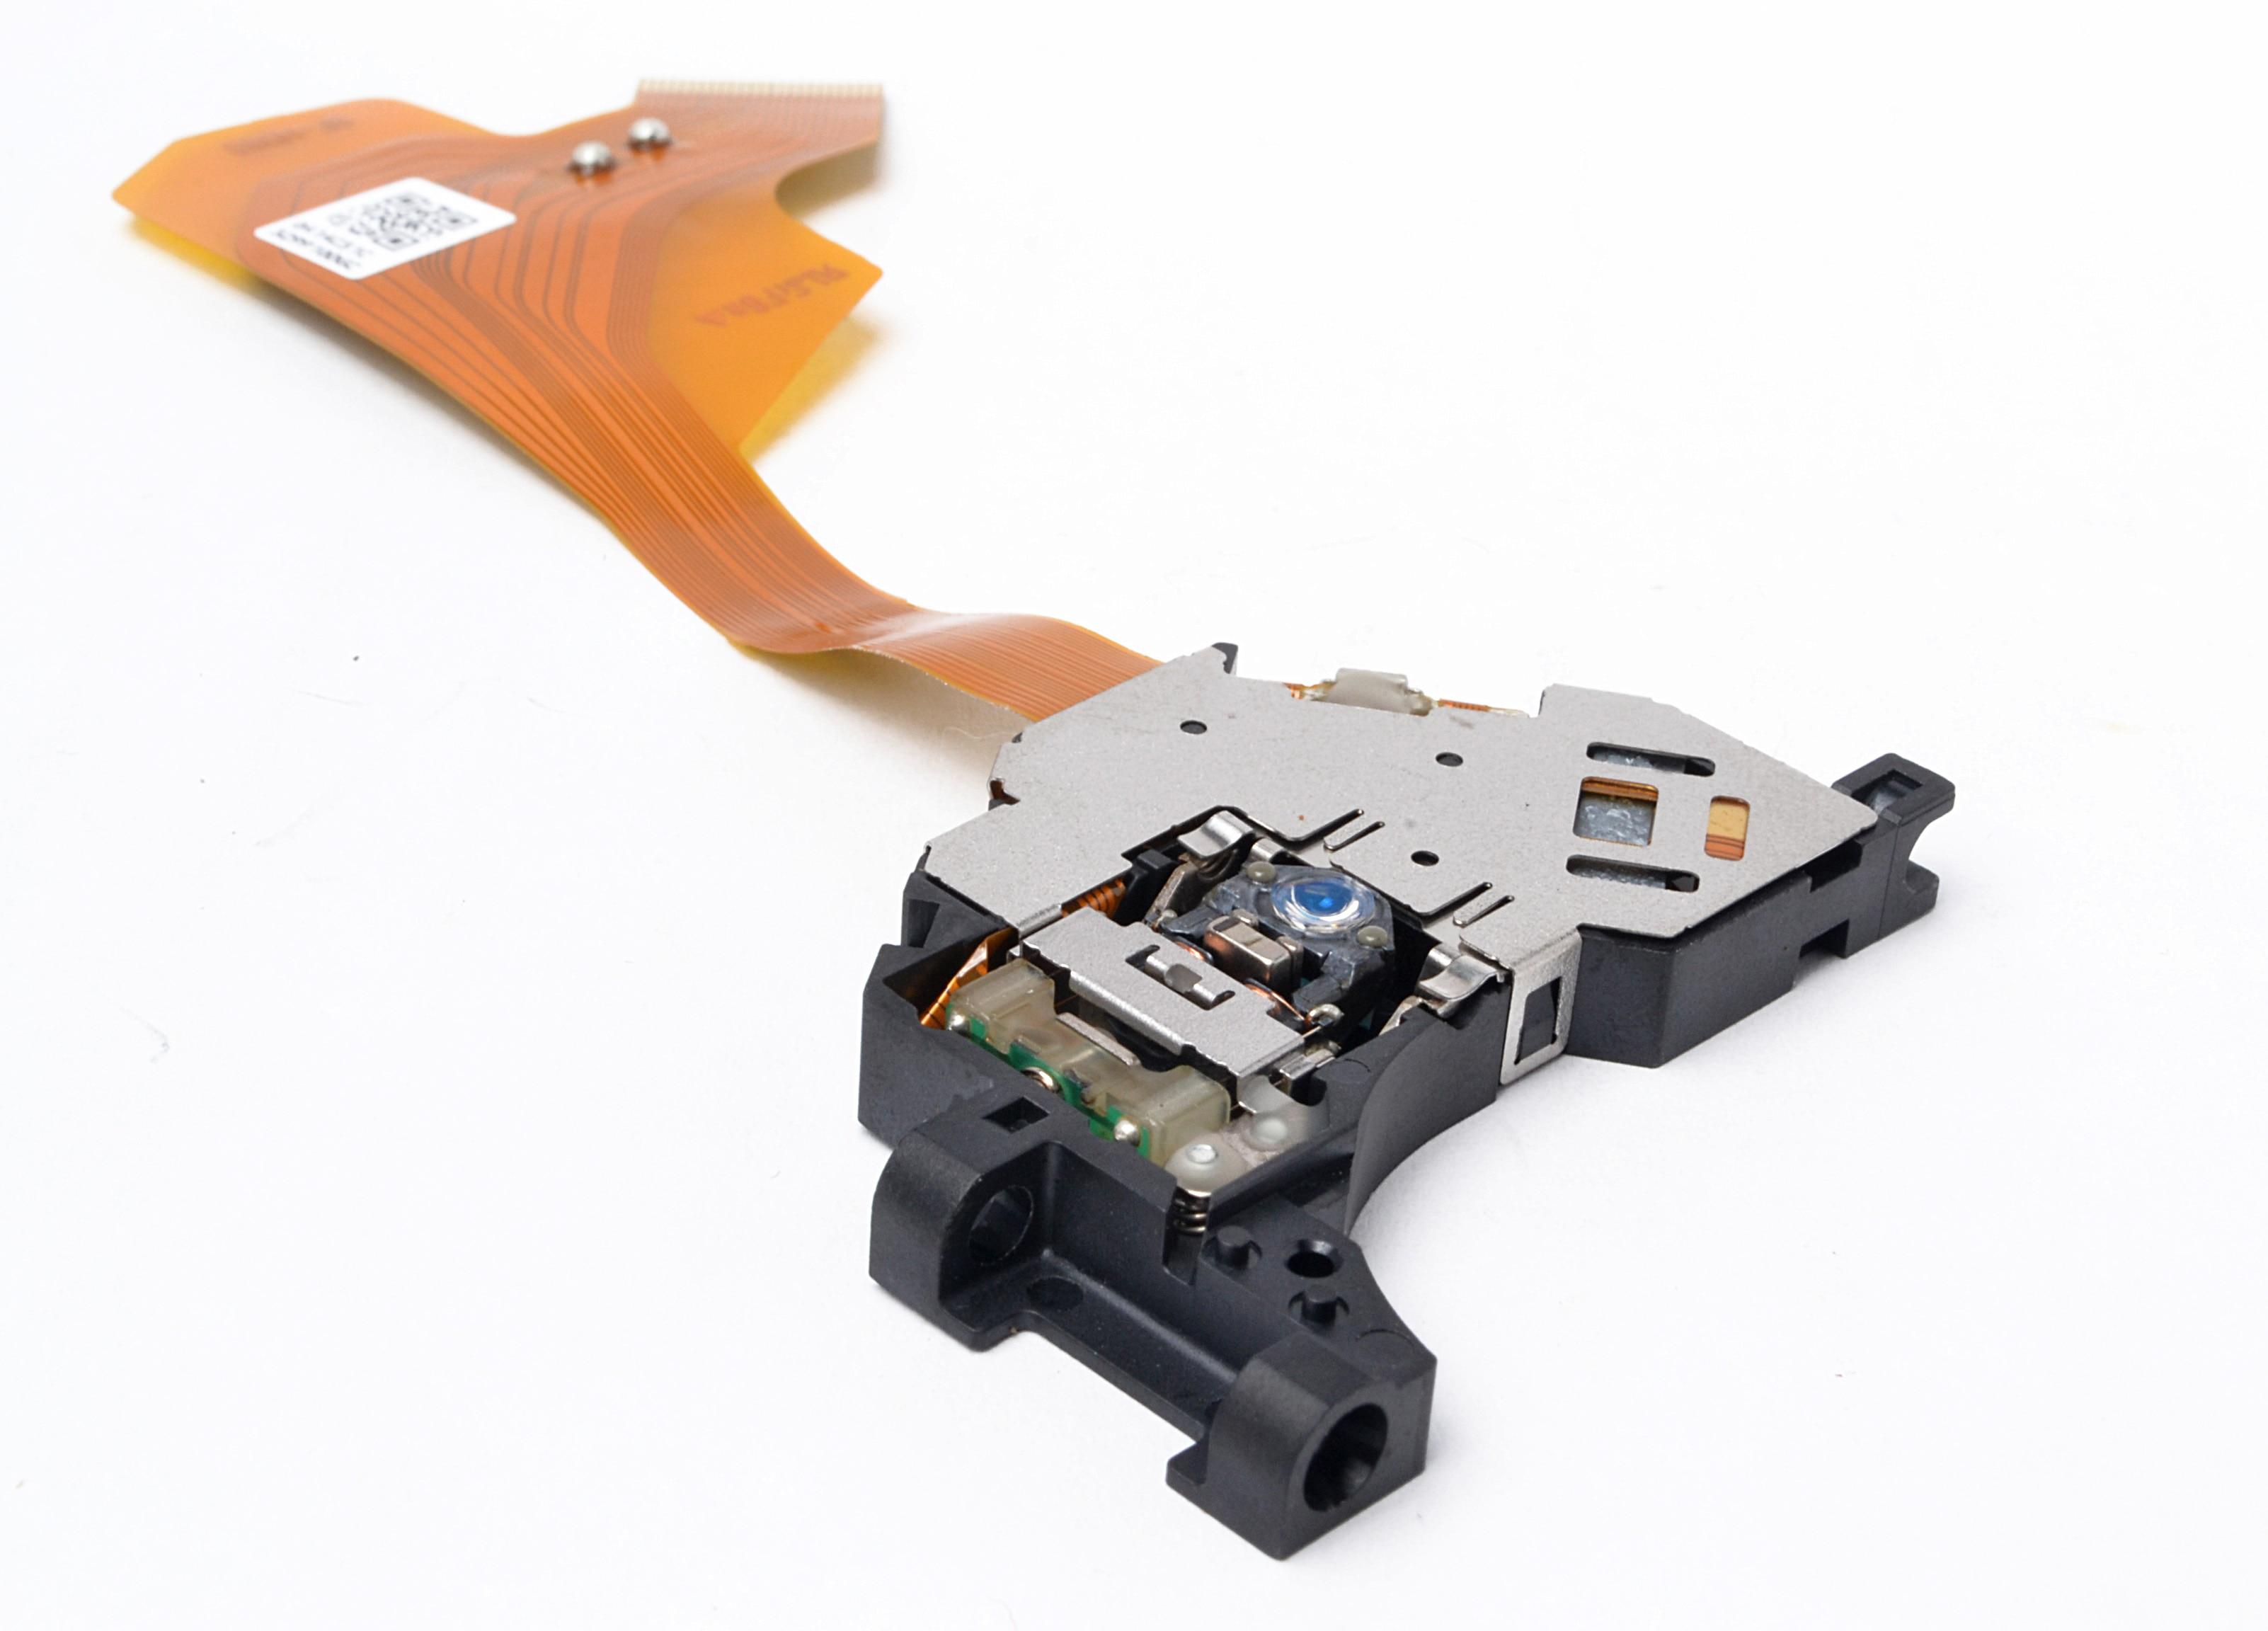 Reemplazo para PHILIPS PET715 PET para mascotas 715-715 Radio reproductor de CD cabeza láser óptico Pick-ups bloque Optique piezas de reparación